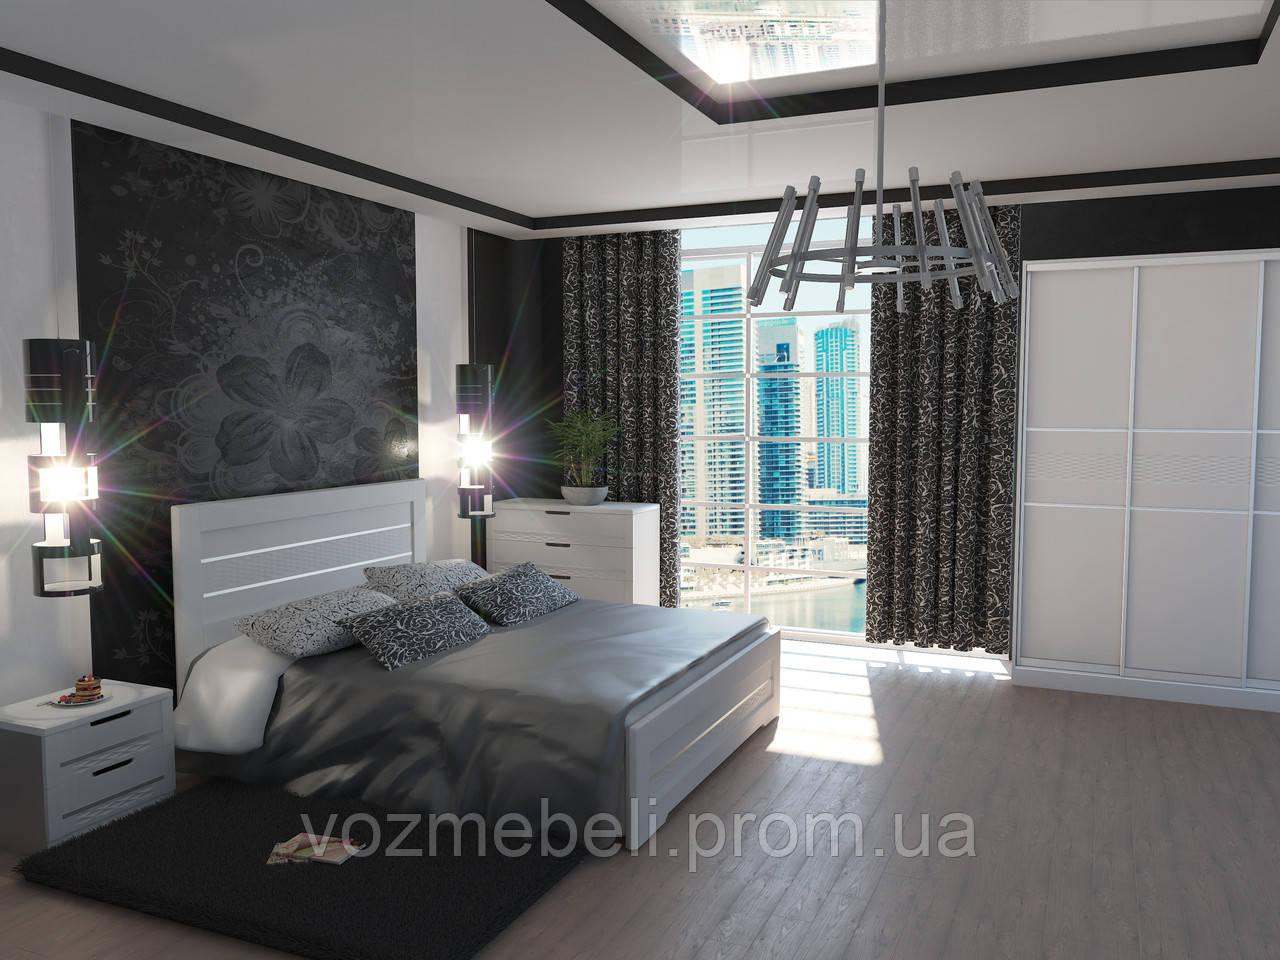 Кровать Соломия 180*200 /Неман/